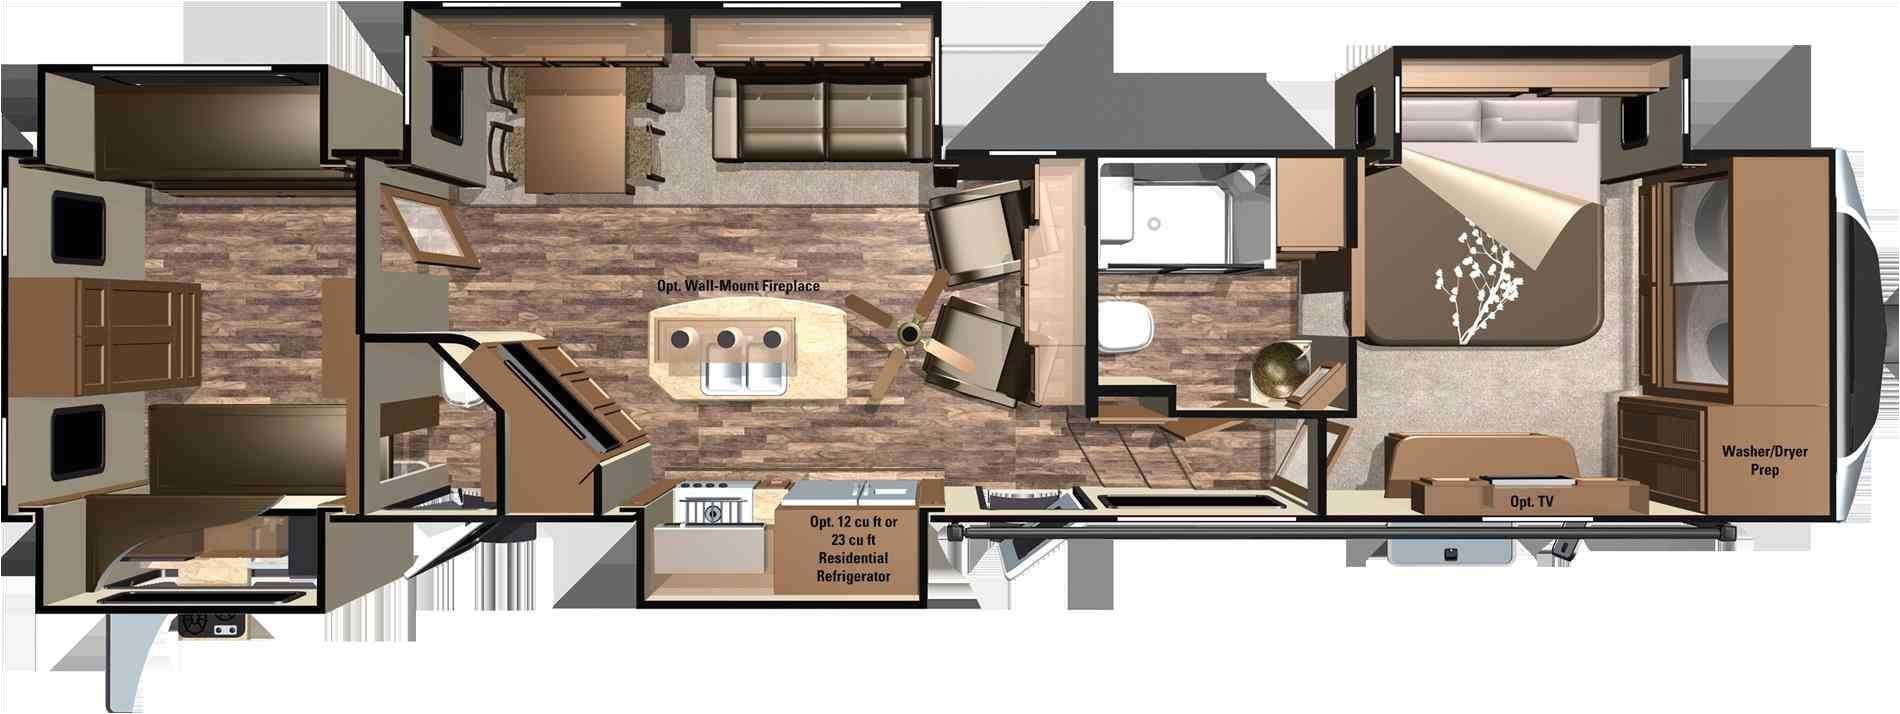 3 bedroom rv 5th wheel cronicarul